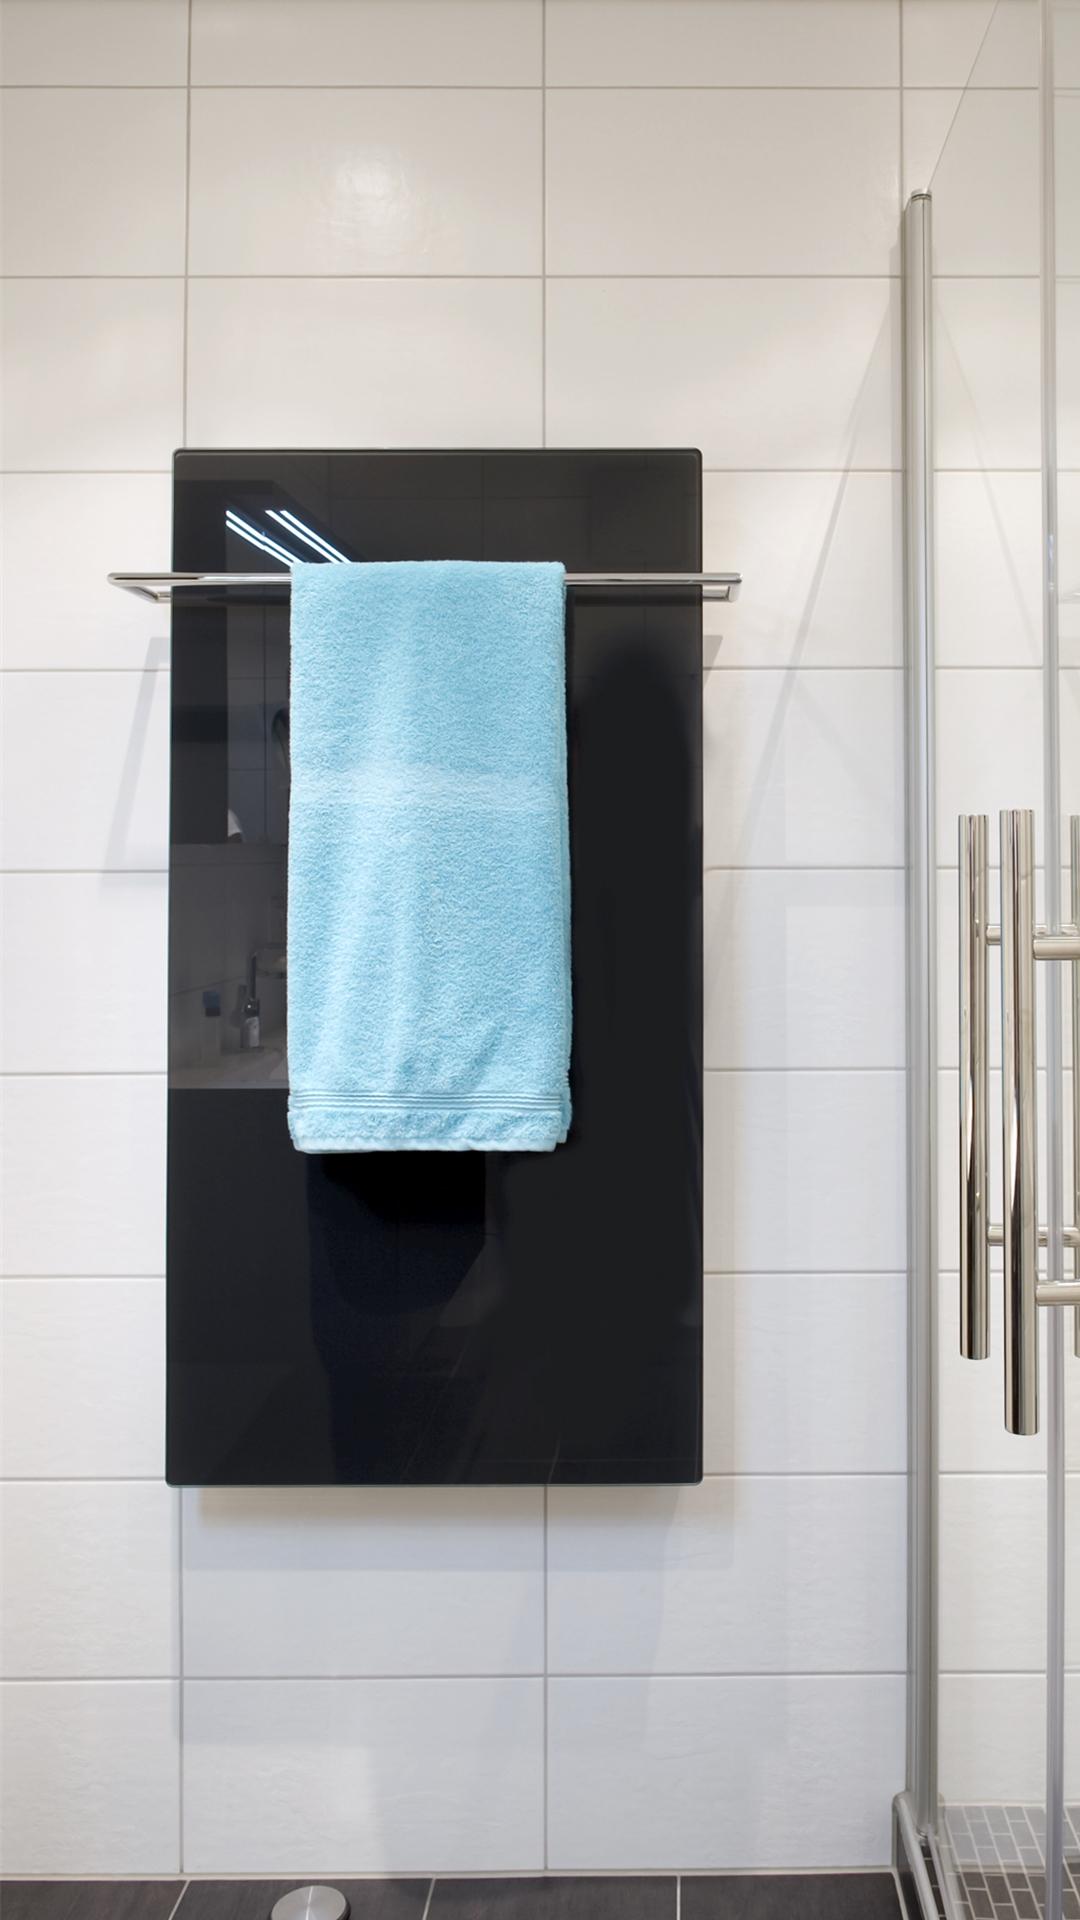 hochglänzender schwarzer Heizkörper mit türkisem Handtuch